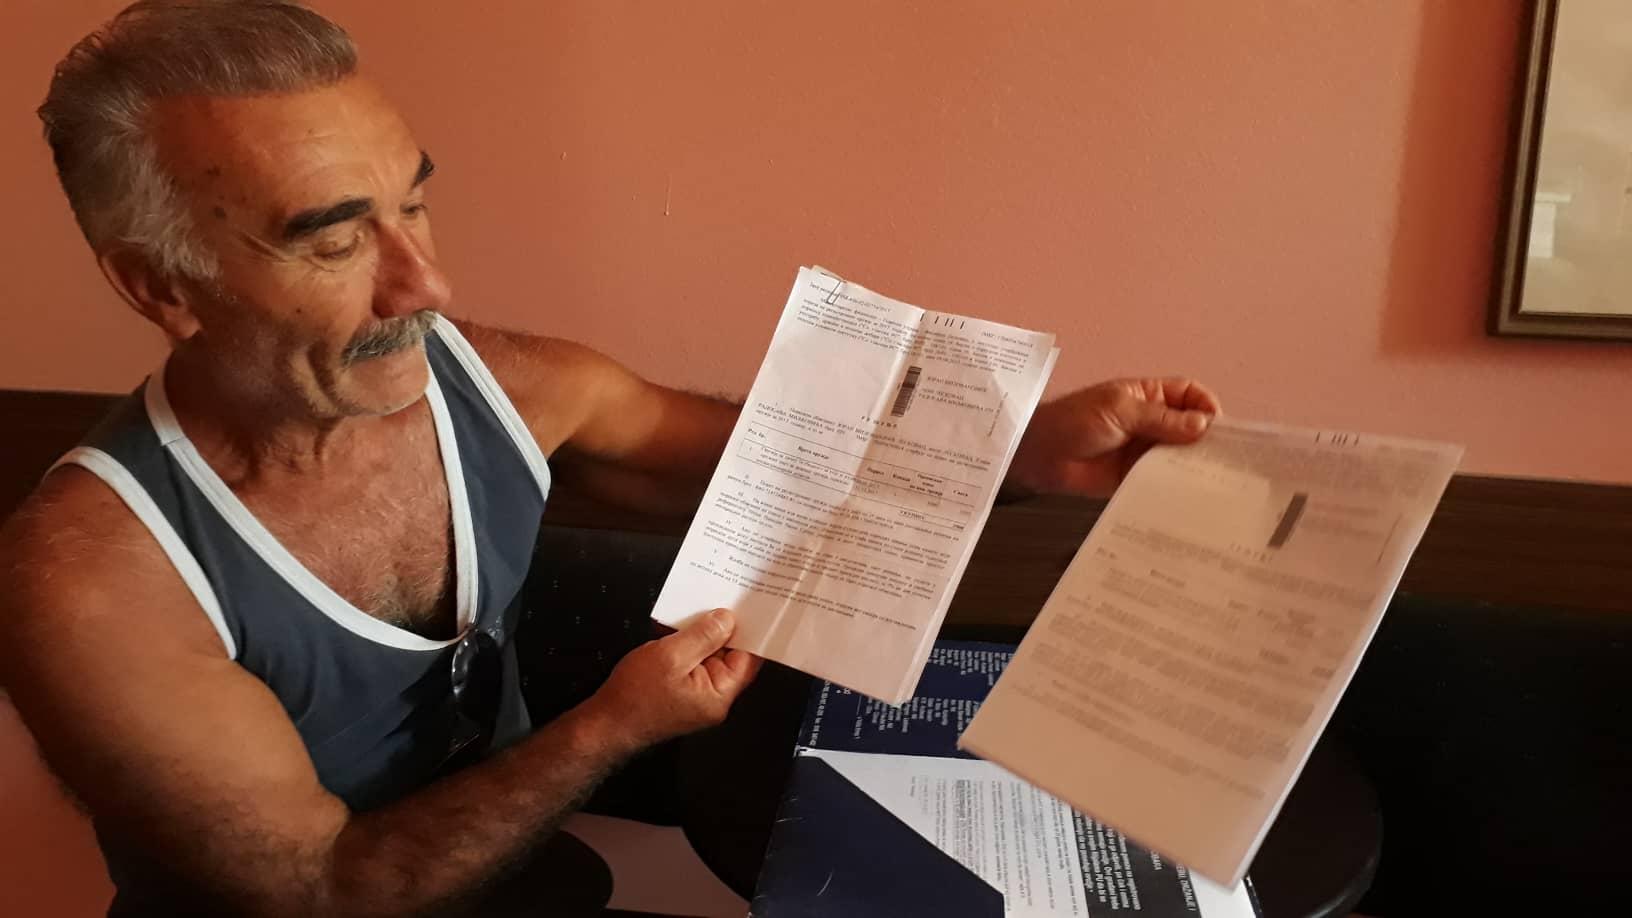 Ukrali mu pištolj pre 20 godina, a sad mu stiglo rešenje da plati porez na njega